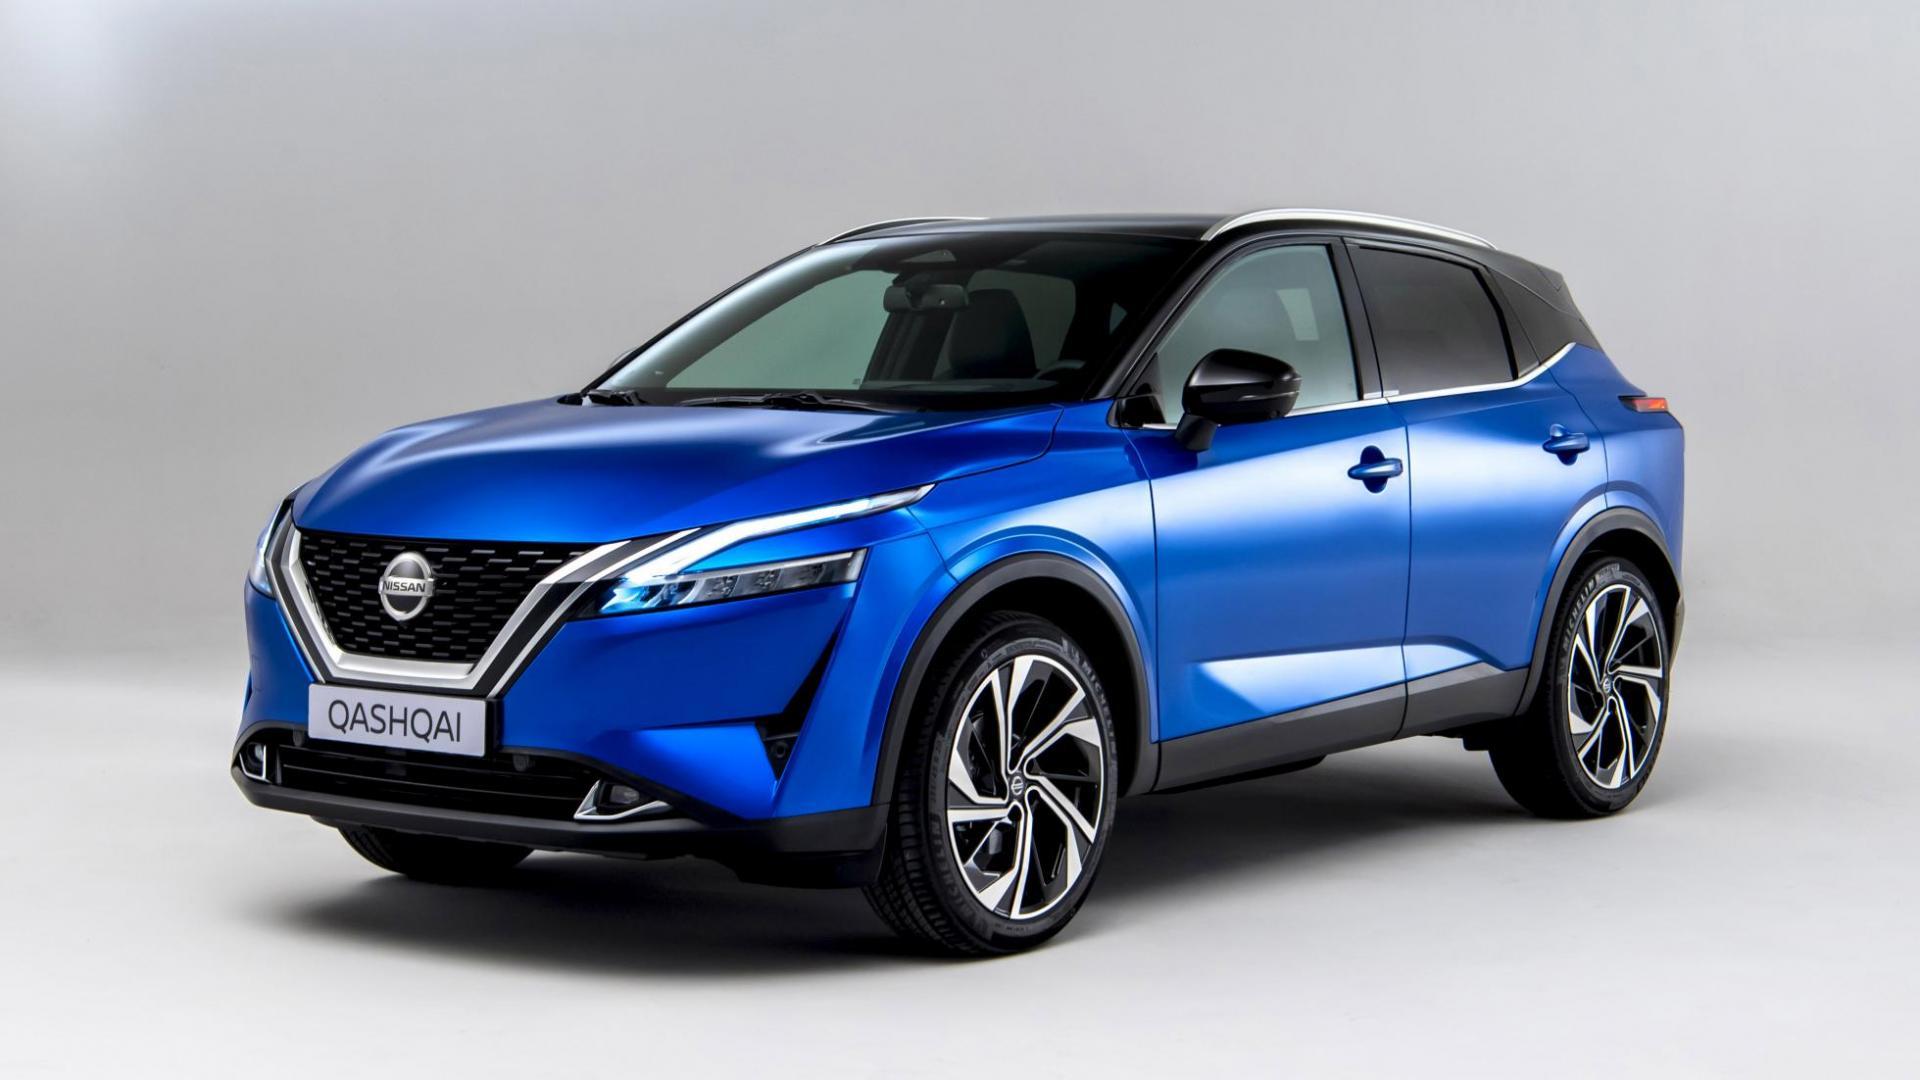 Nissan Qashqai 2021 (Blauw)